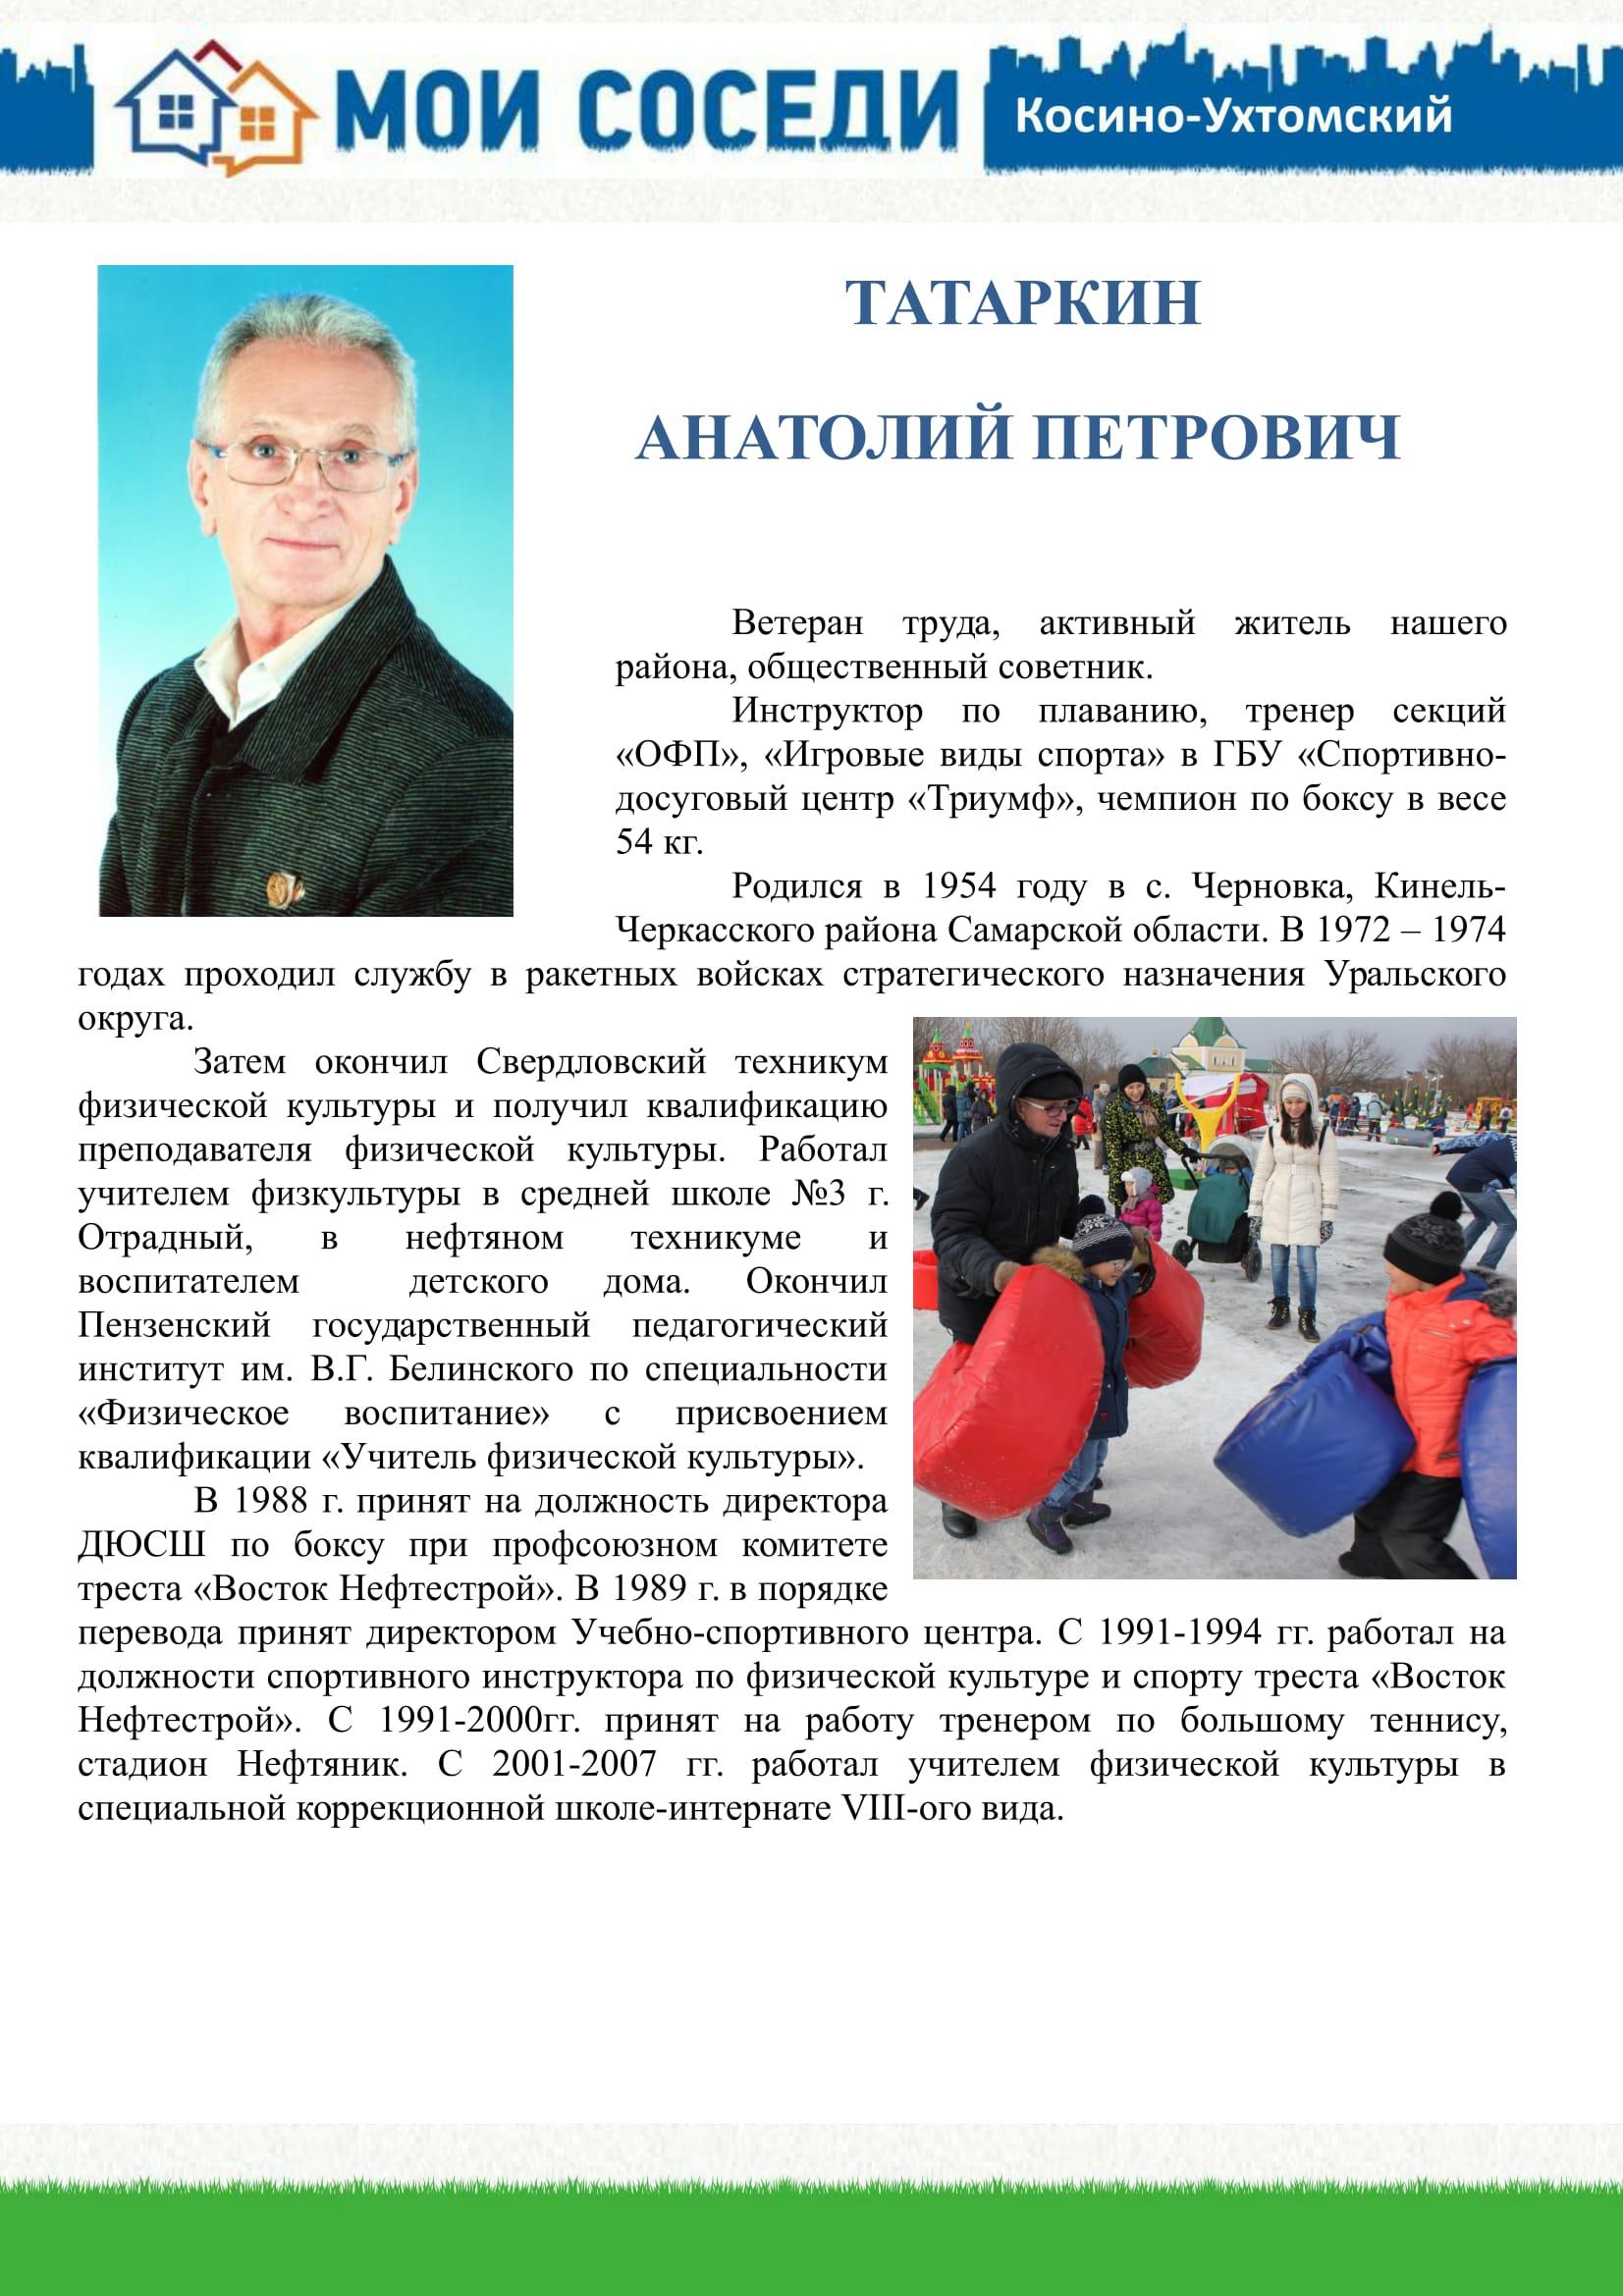 Татаркин-1